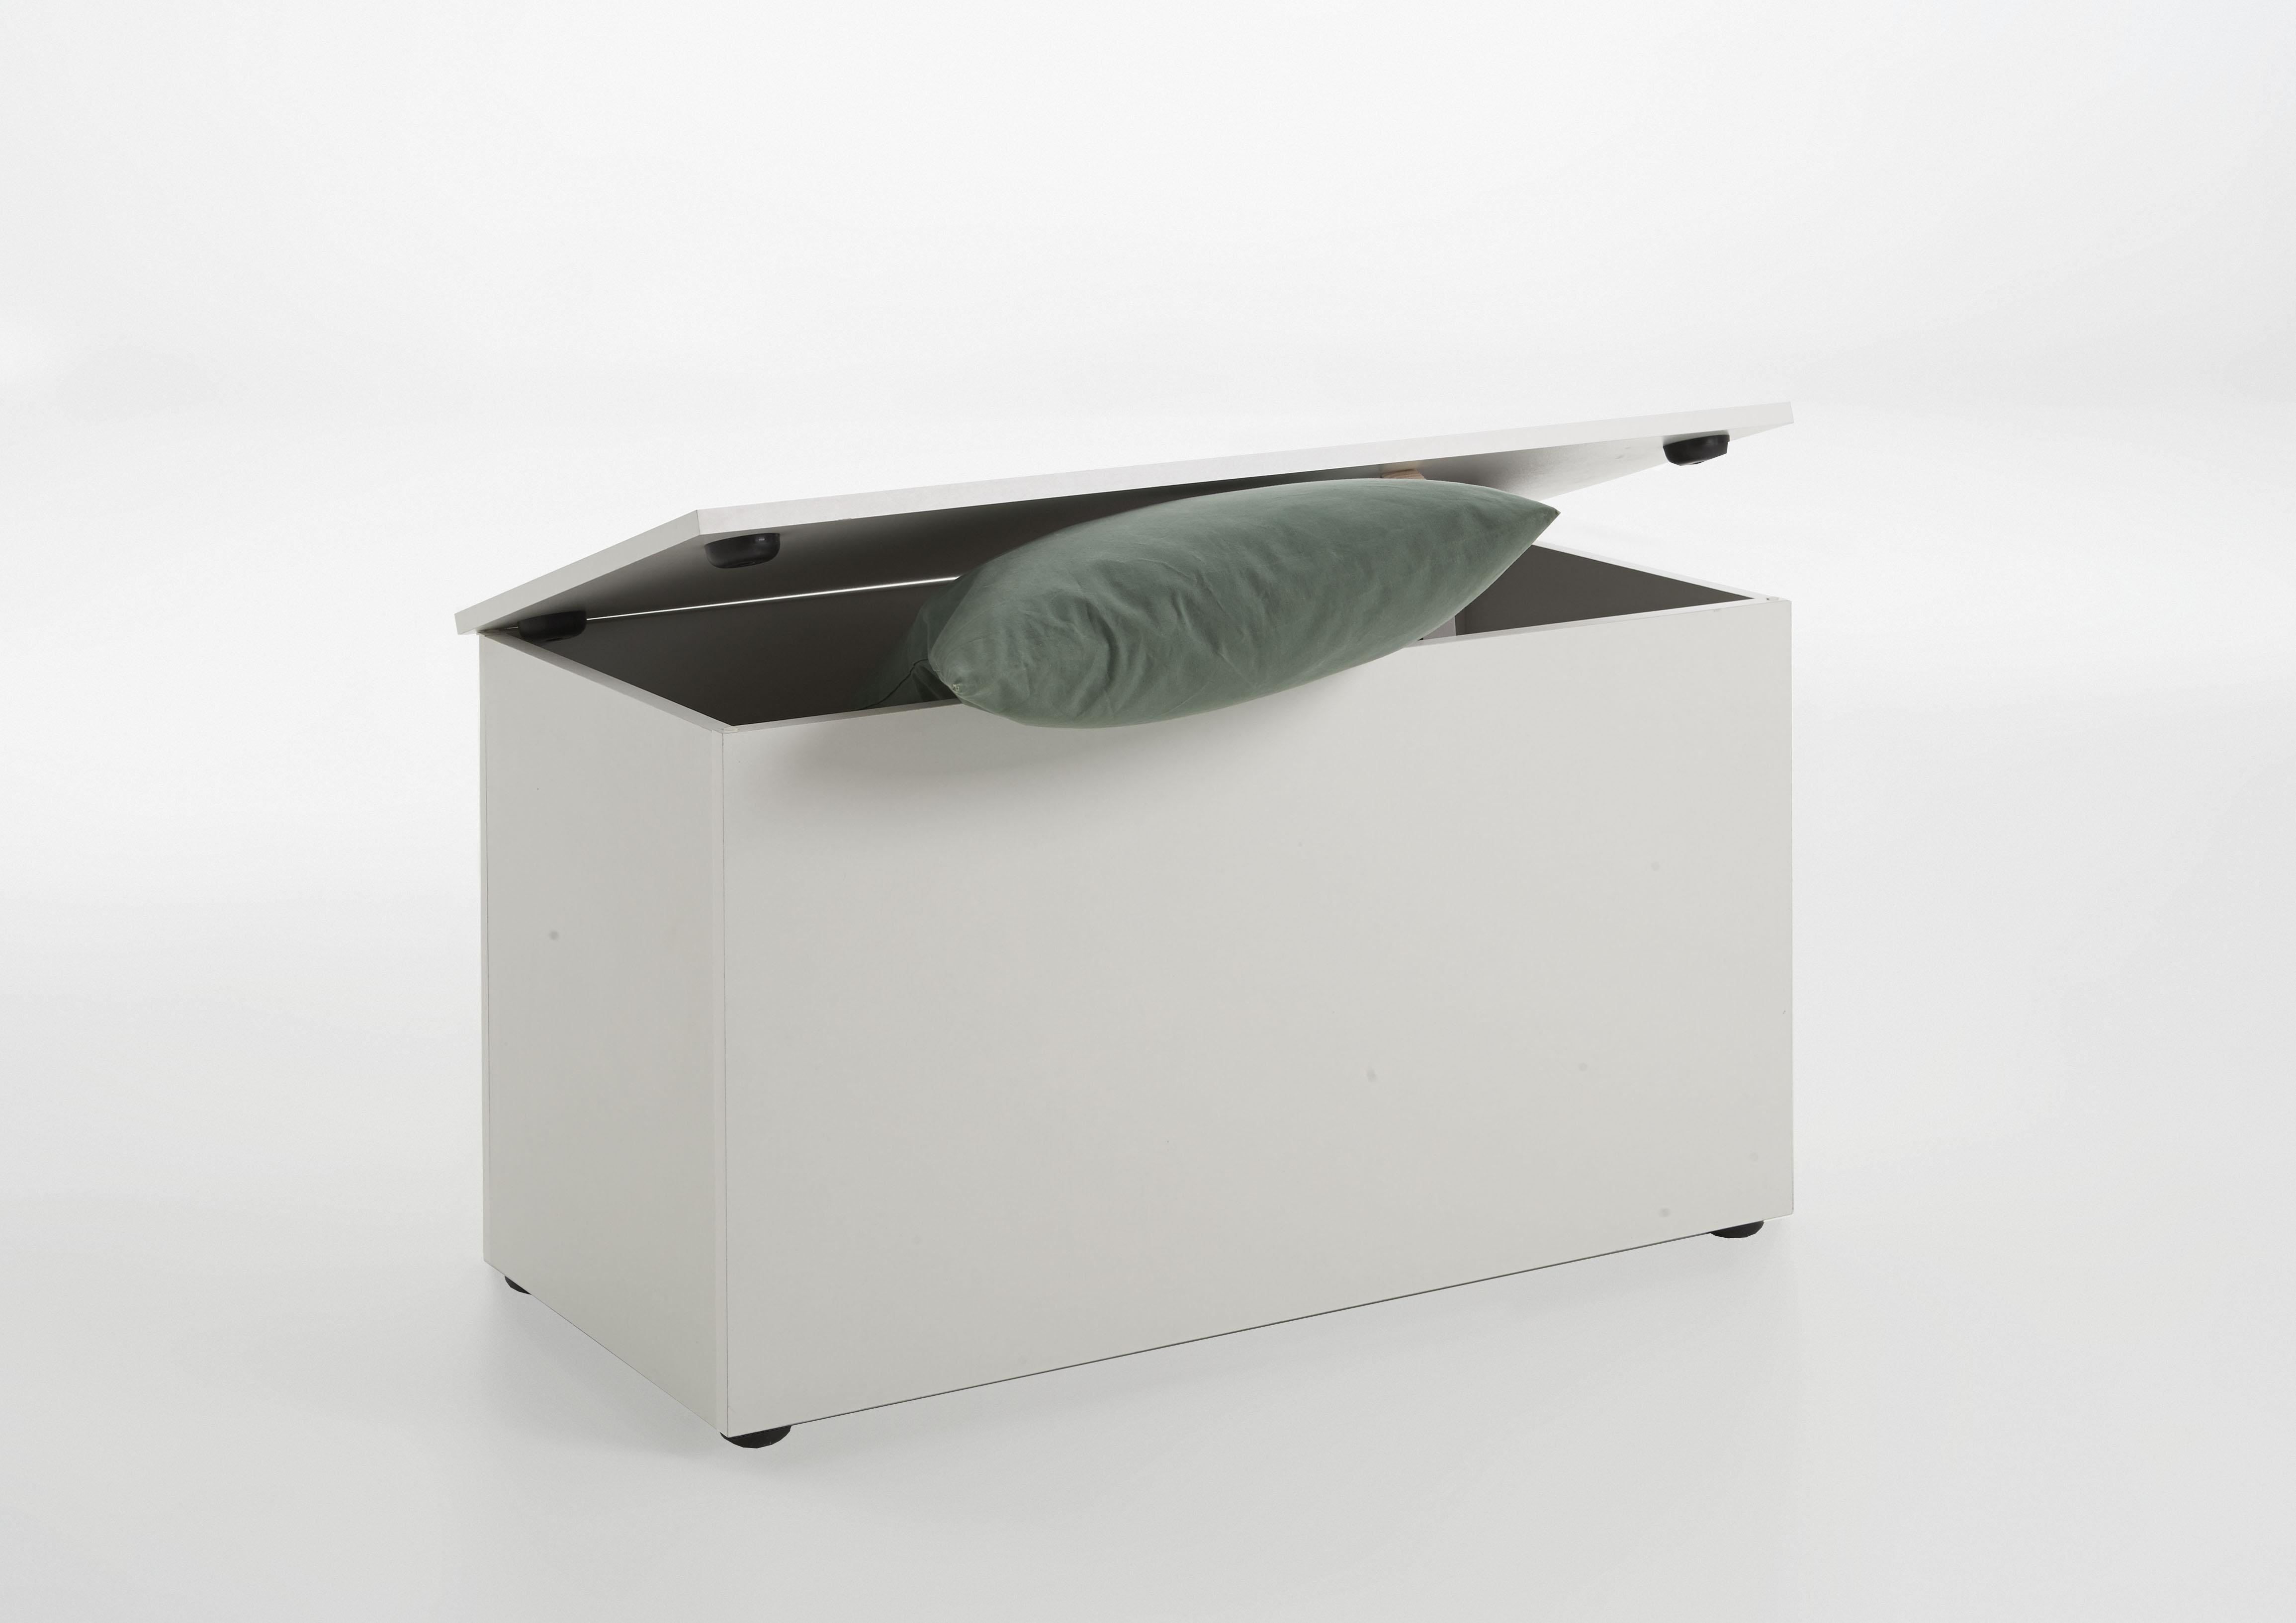 hocki 2 sitztruhe bank von fmd eiche by wohnorama ebay. Black Bedroom Furniture Sets. Home Design Ideas